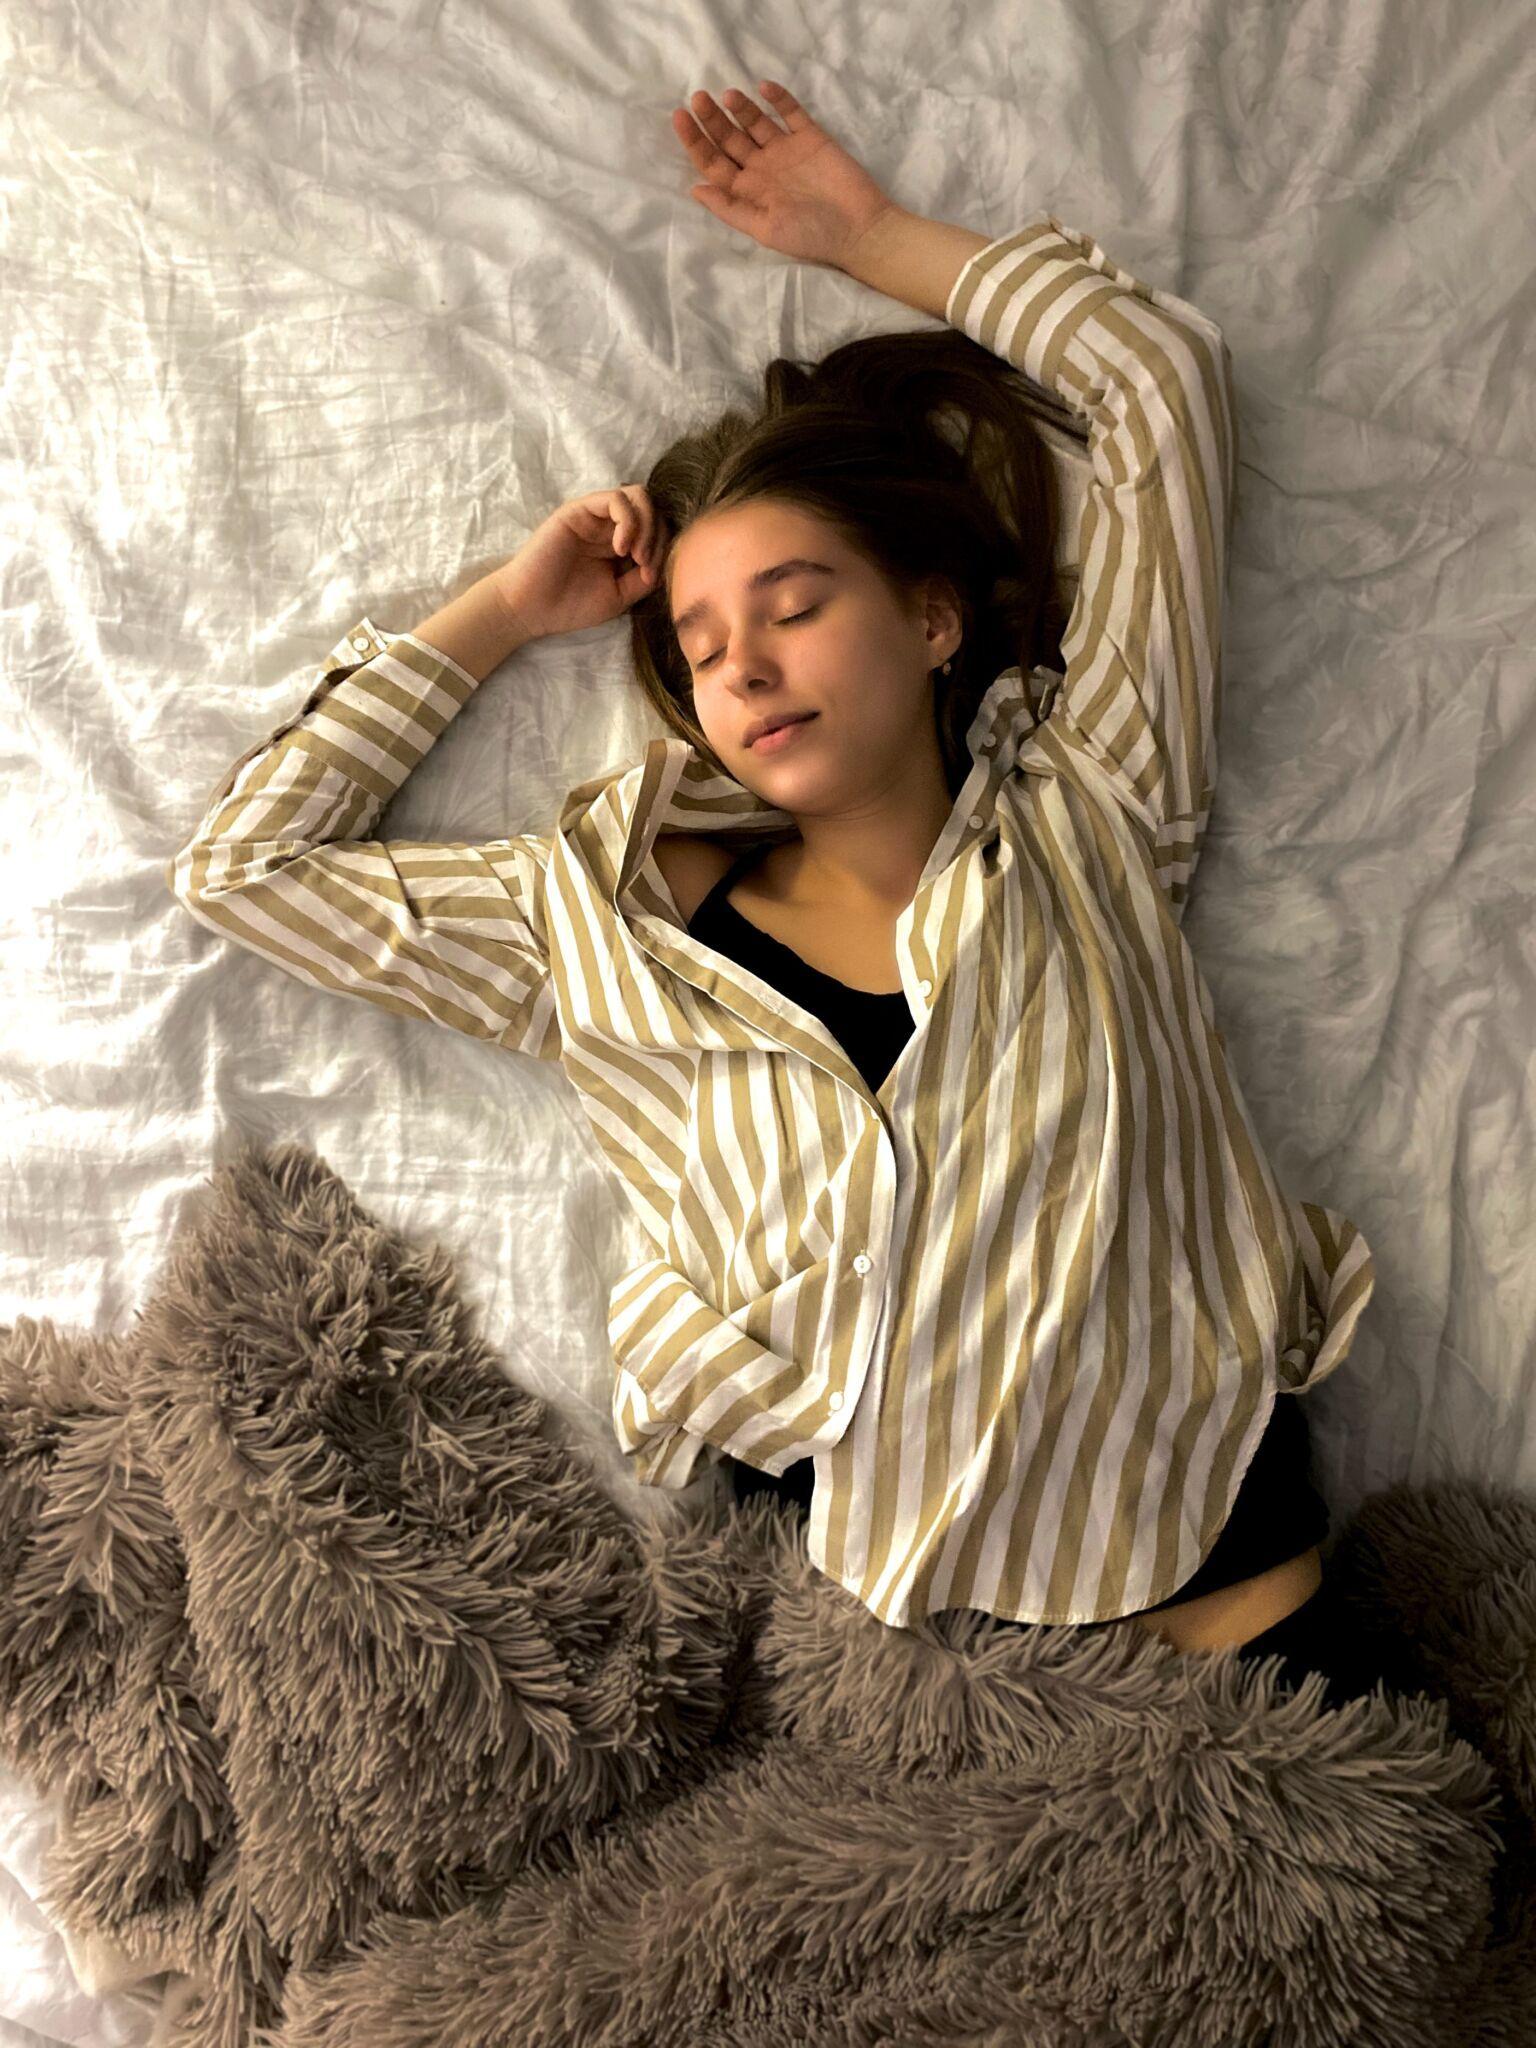 Søvnproblemer - Unge